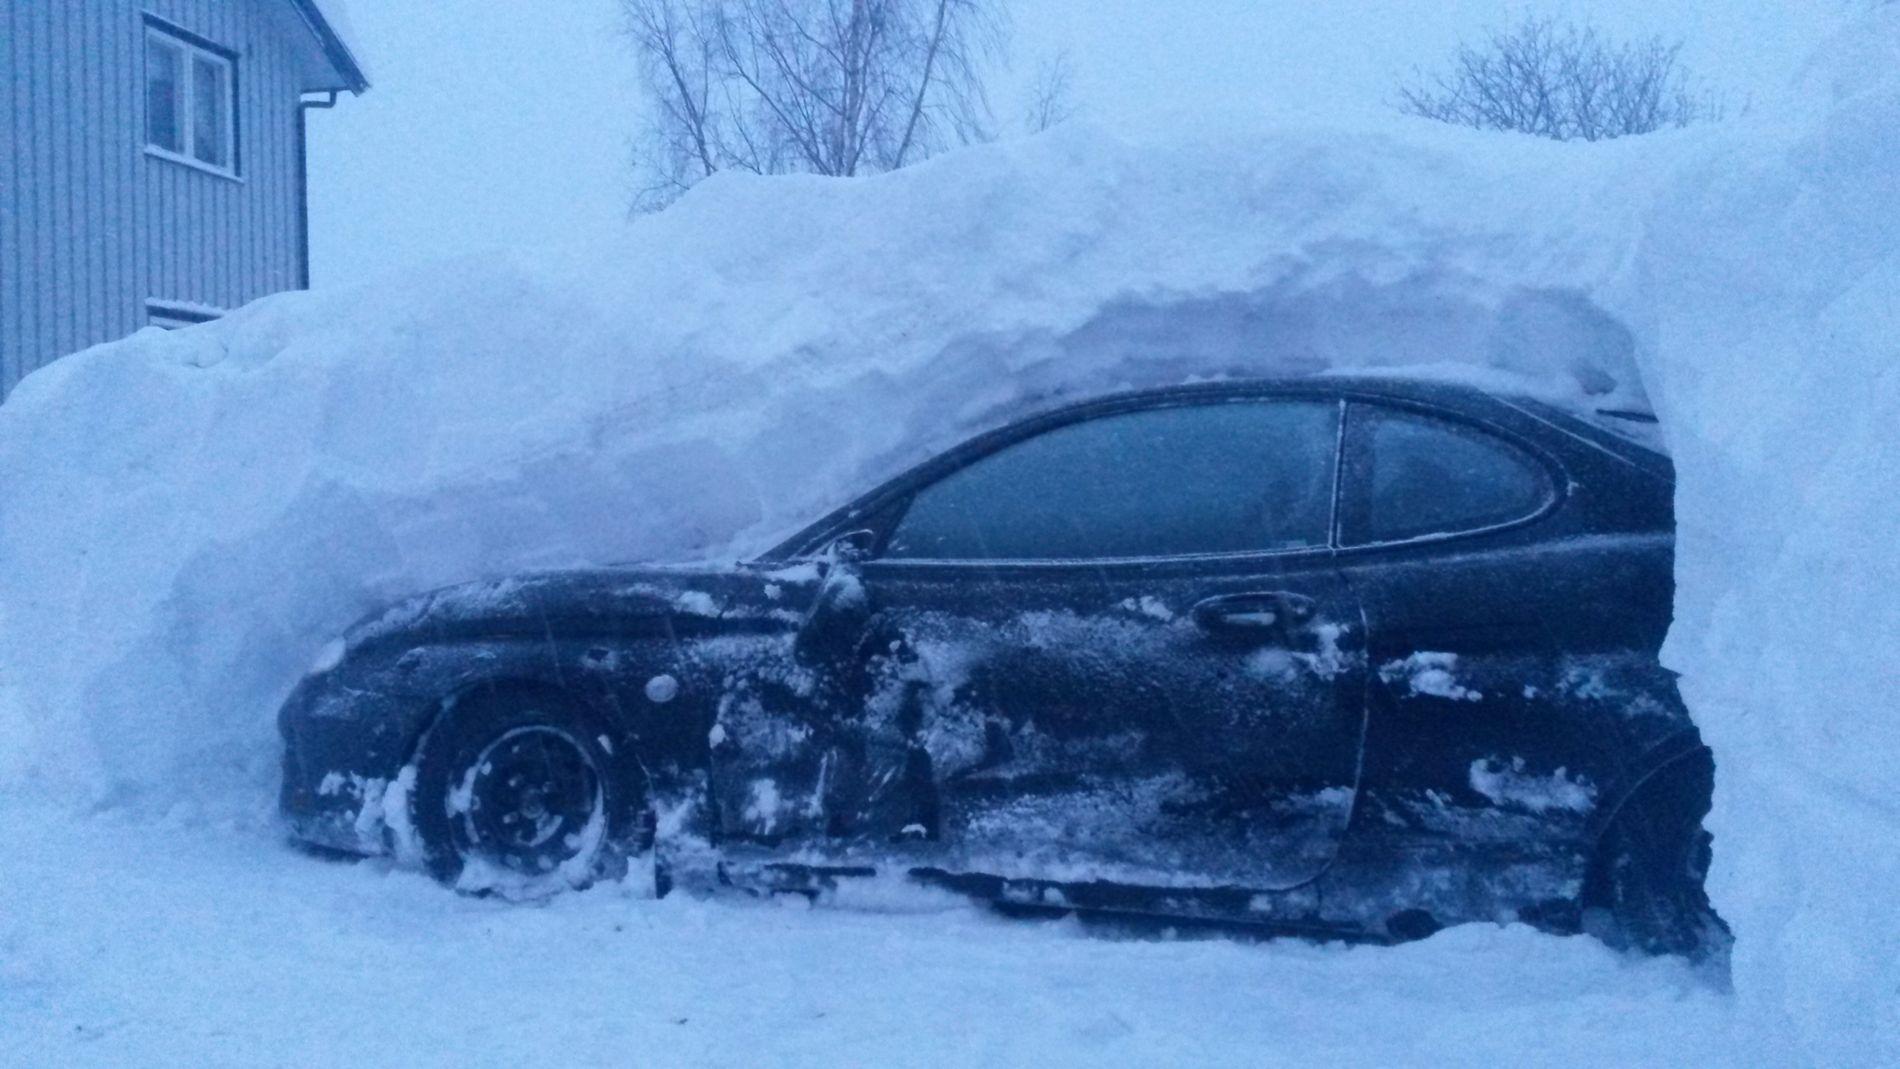 TOK TRE TIMER: Arild Løvli fra Mesnali i Hedmark var redd taket på bilen skulle klemme sammen på grunn av snøen.